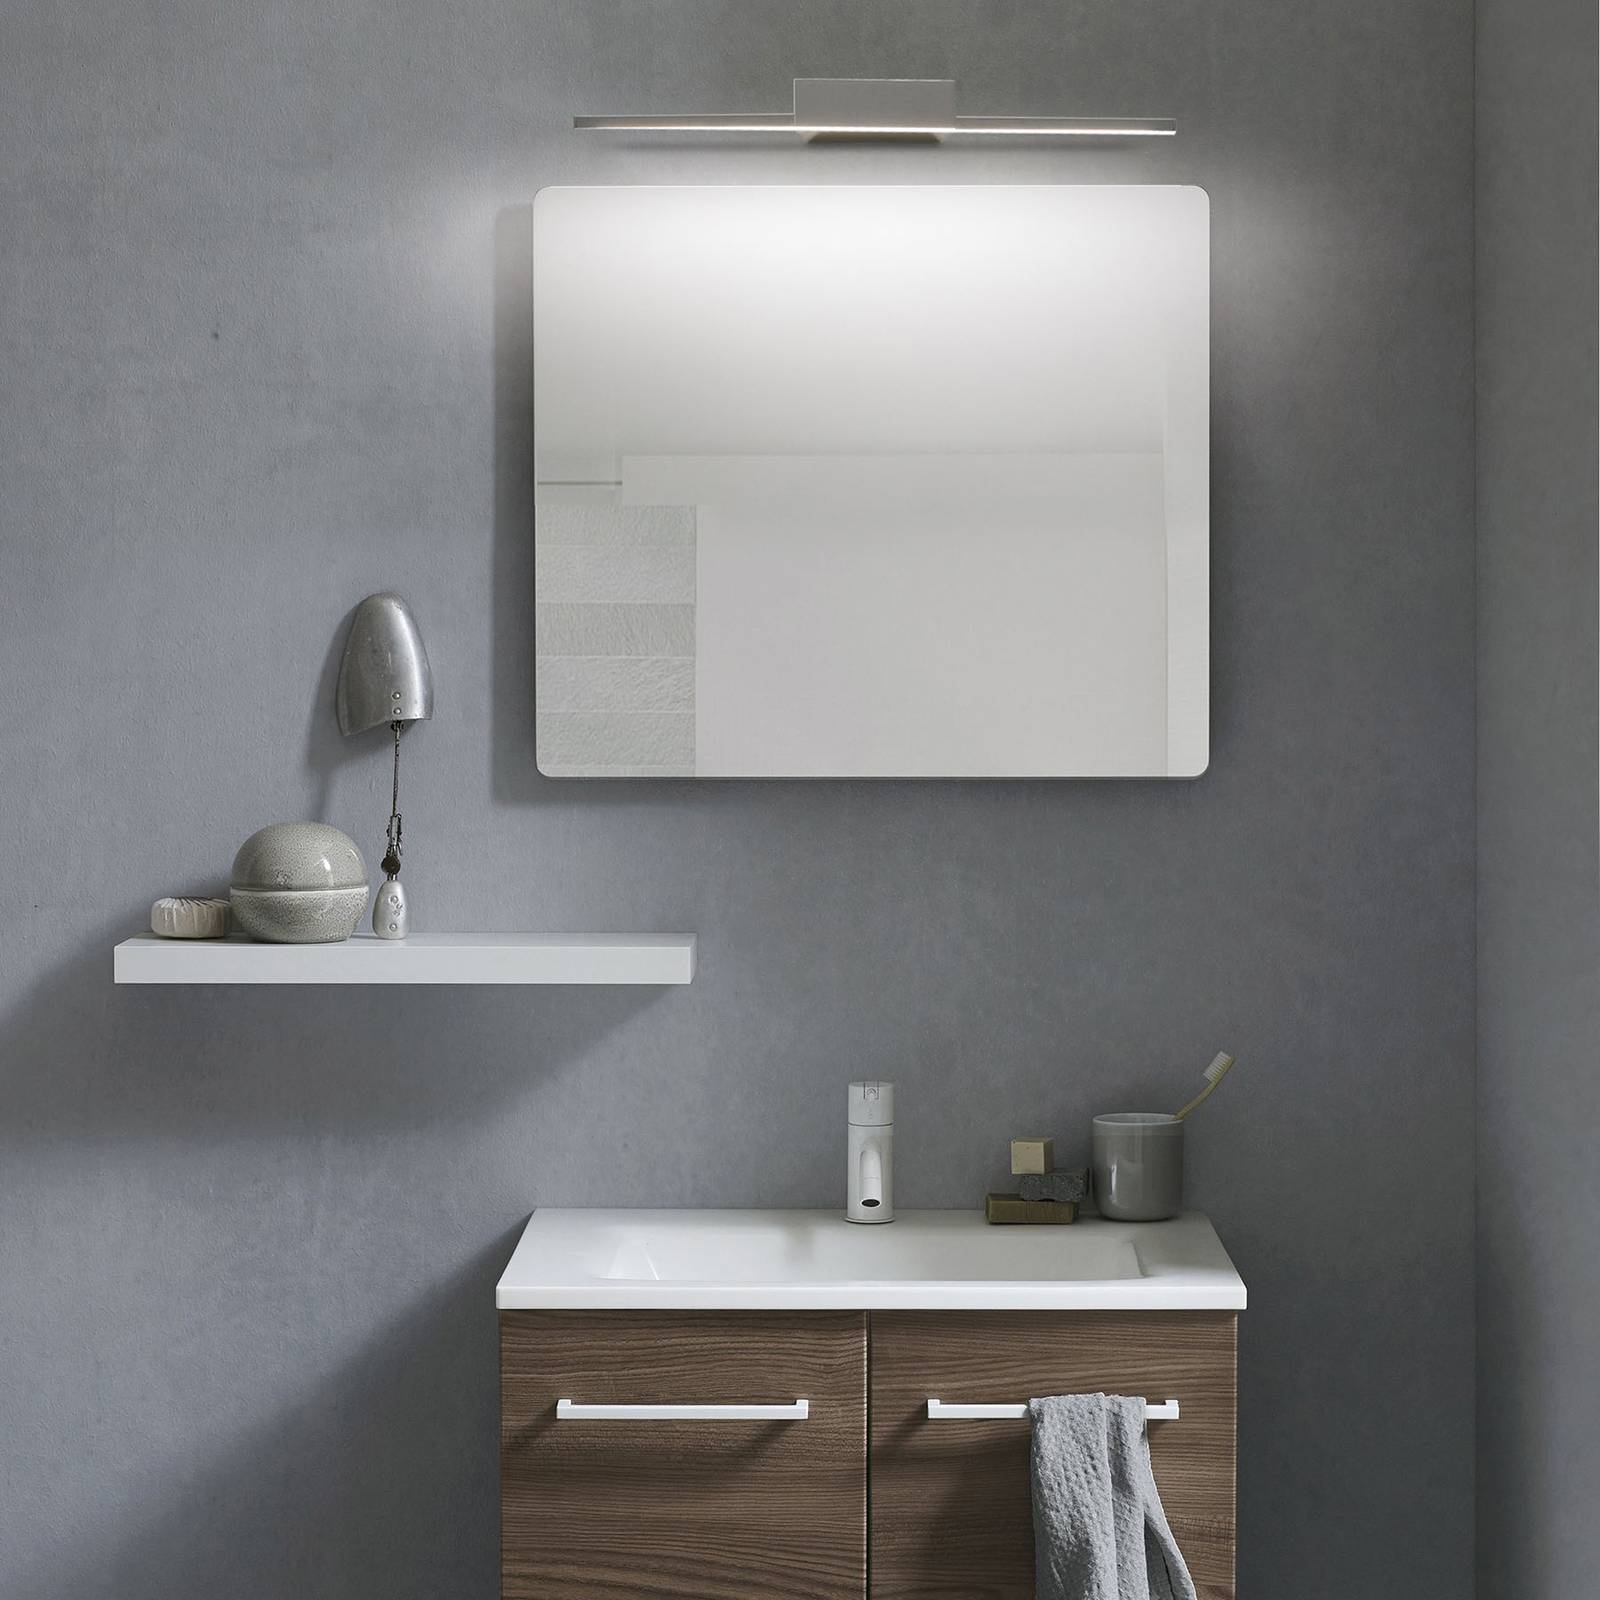 Kylpyhuoneen LED-seinälamppu Yei, leveys 35 cm